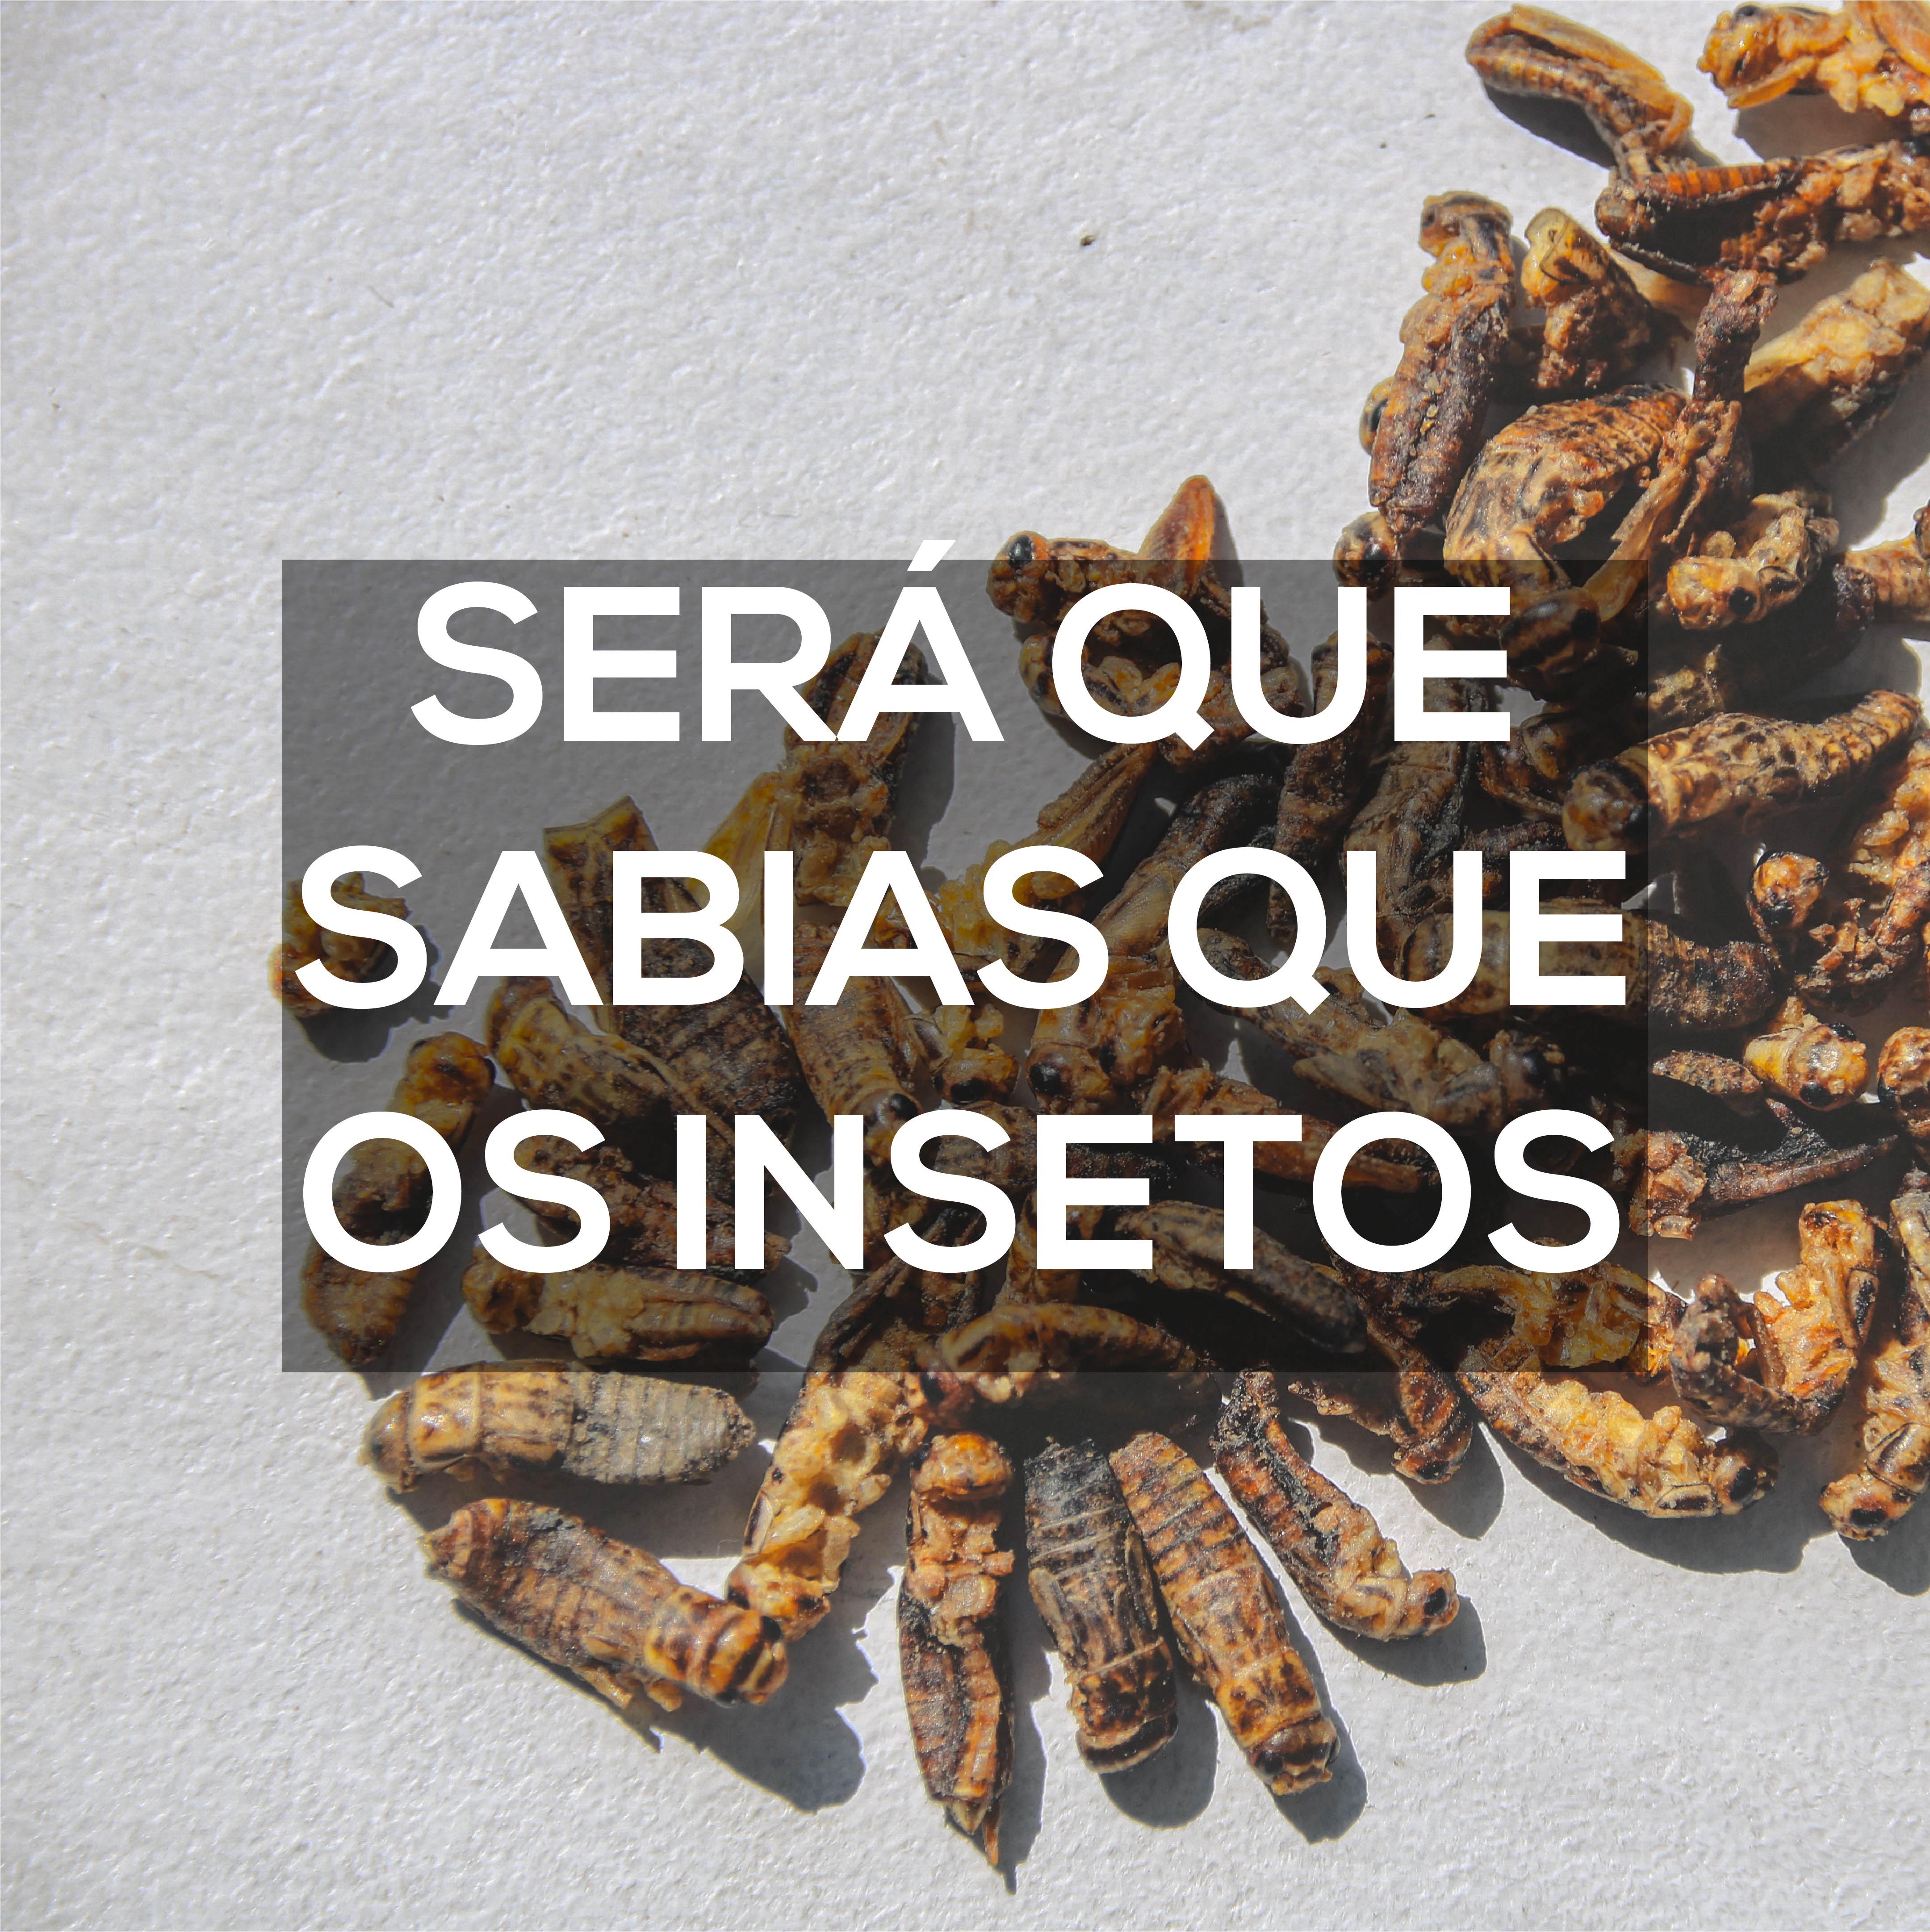 SABIAS QUE?